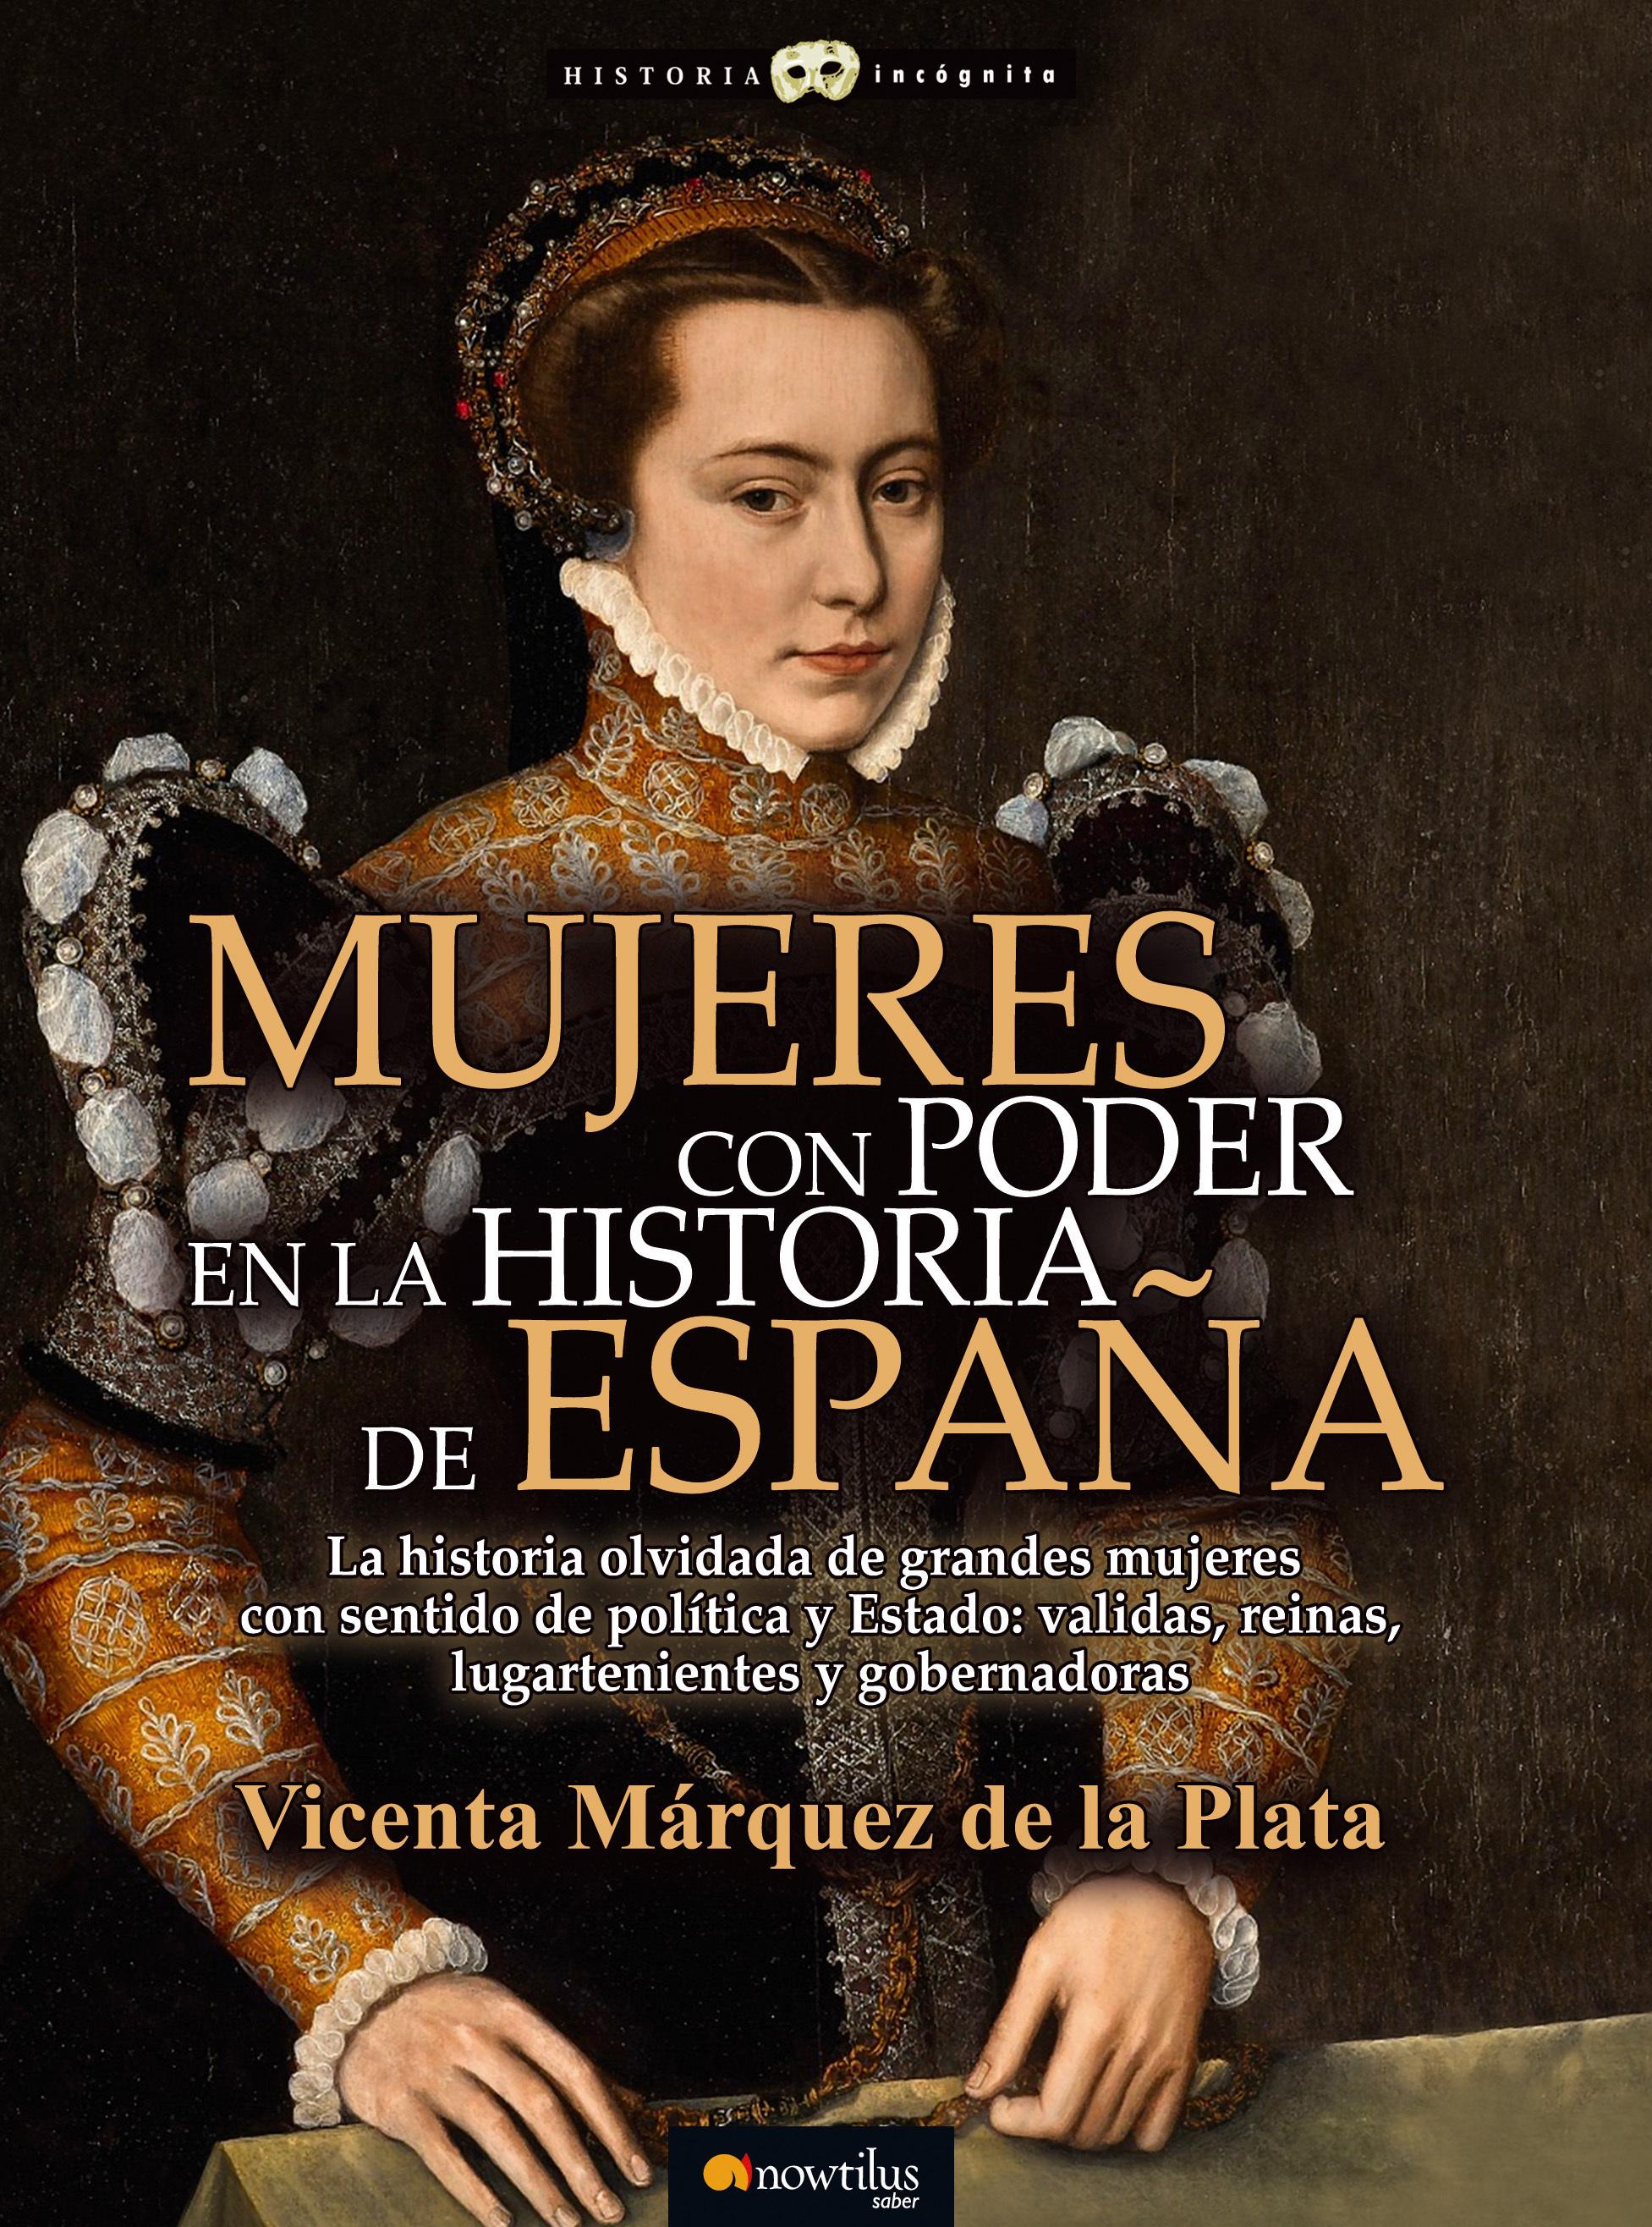 Mujeres con poder en la historia de España - Vicenta Márquez de la Plata